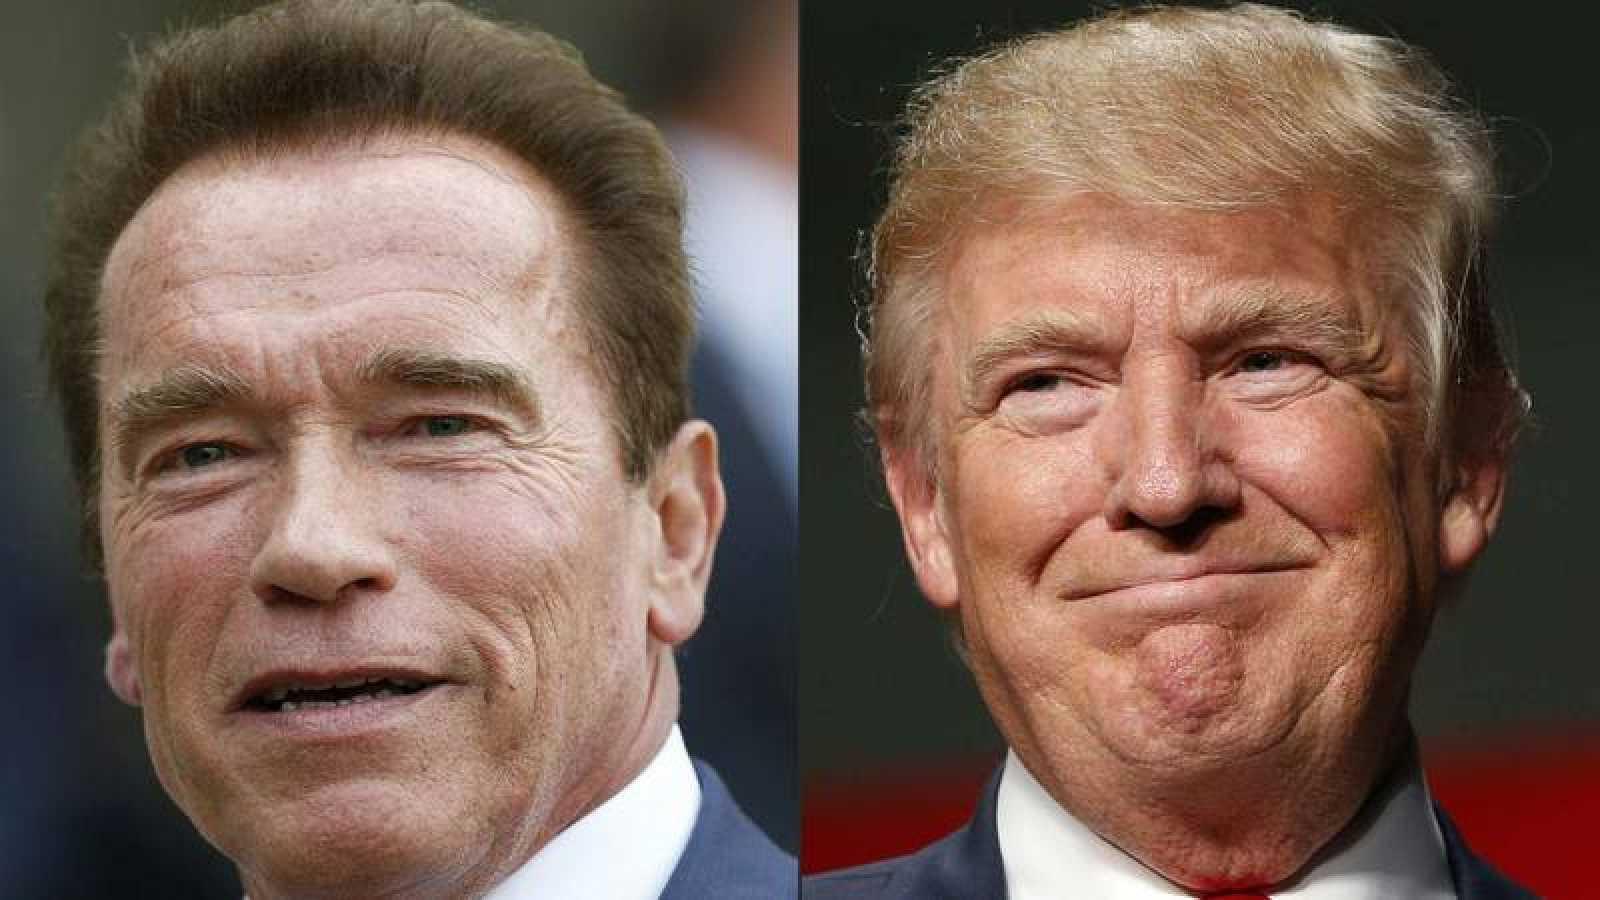 Fotografías de archivo del ex gobernador de California, Arnold Schwarzenegger, y el presidente norteamericano, Donald Trump.